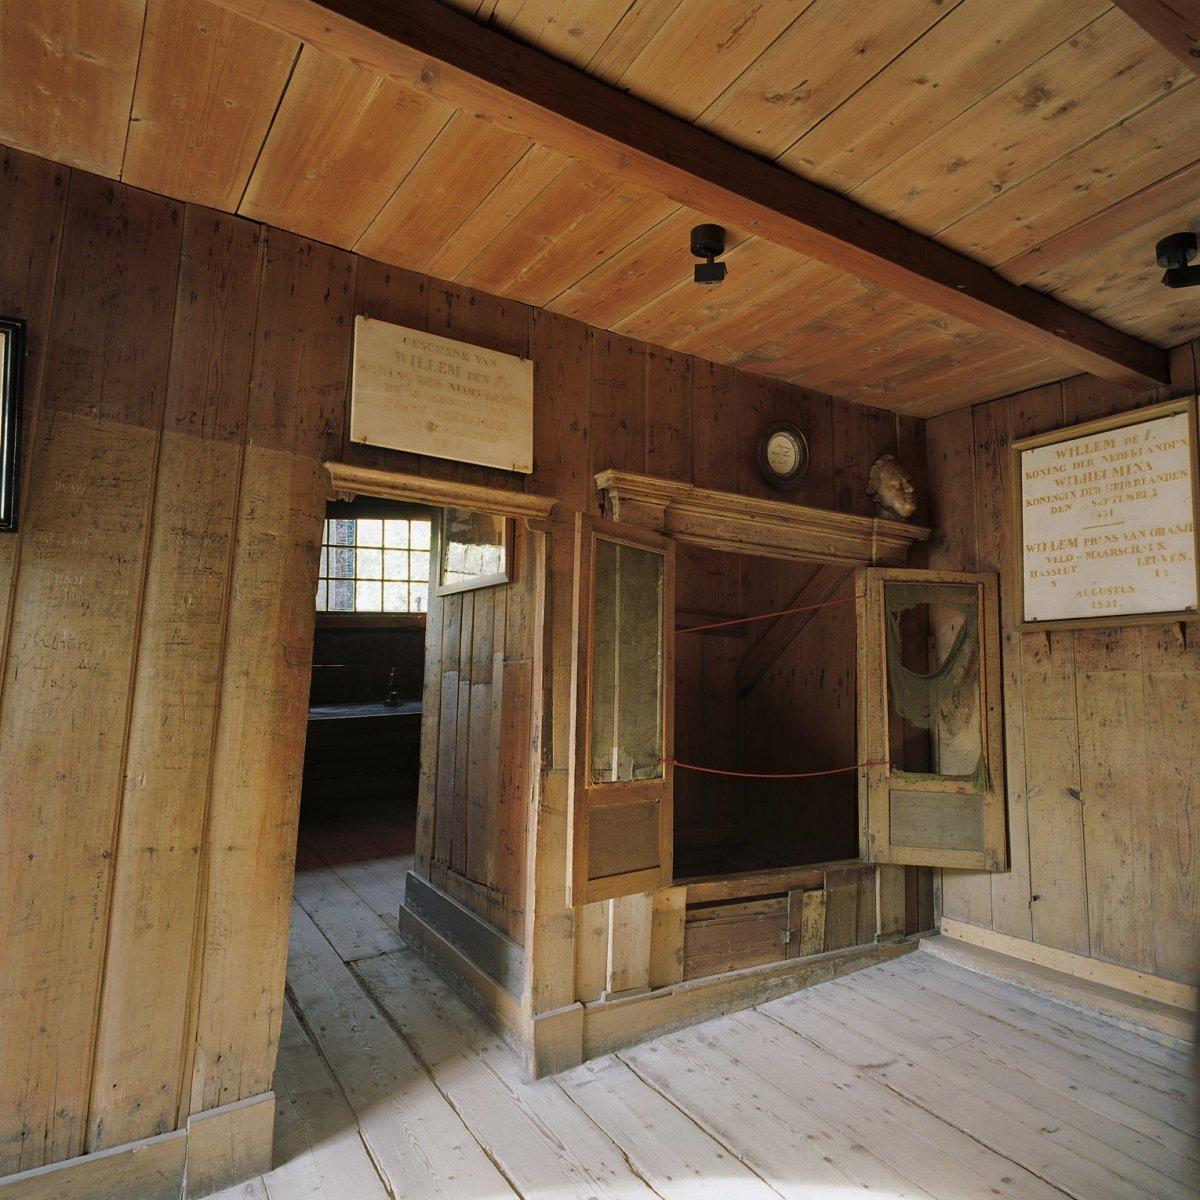 file interieur het interieur van het houten huis binnen